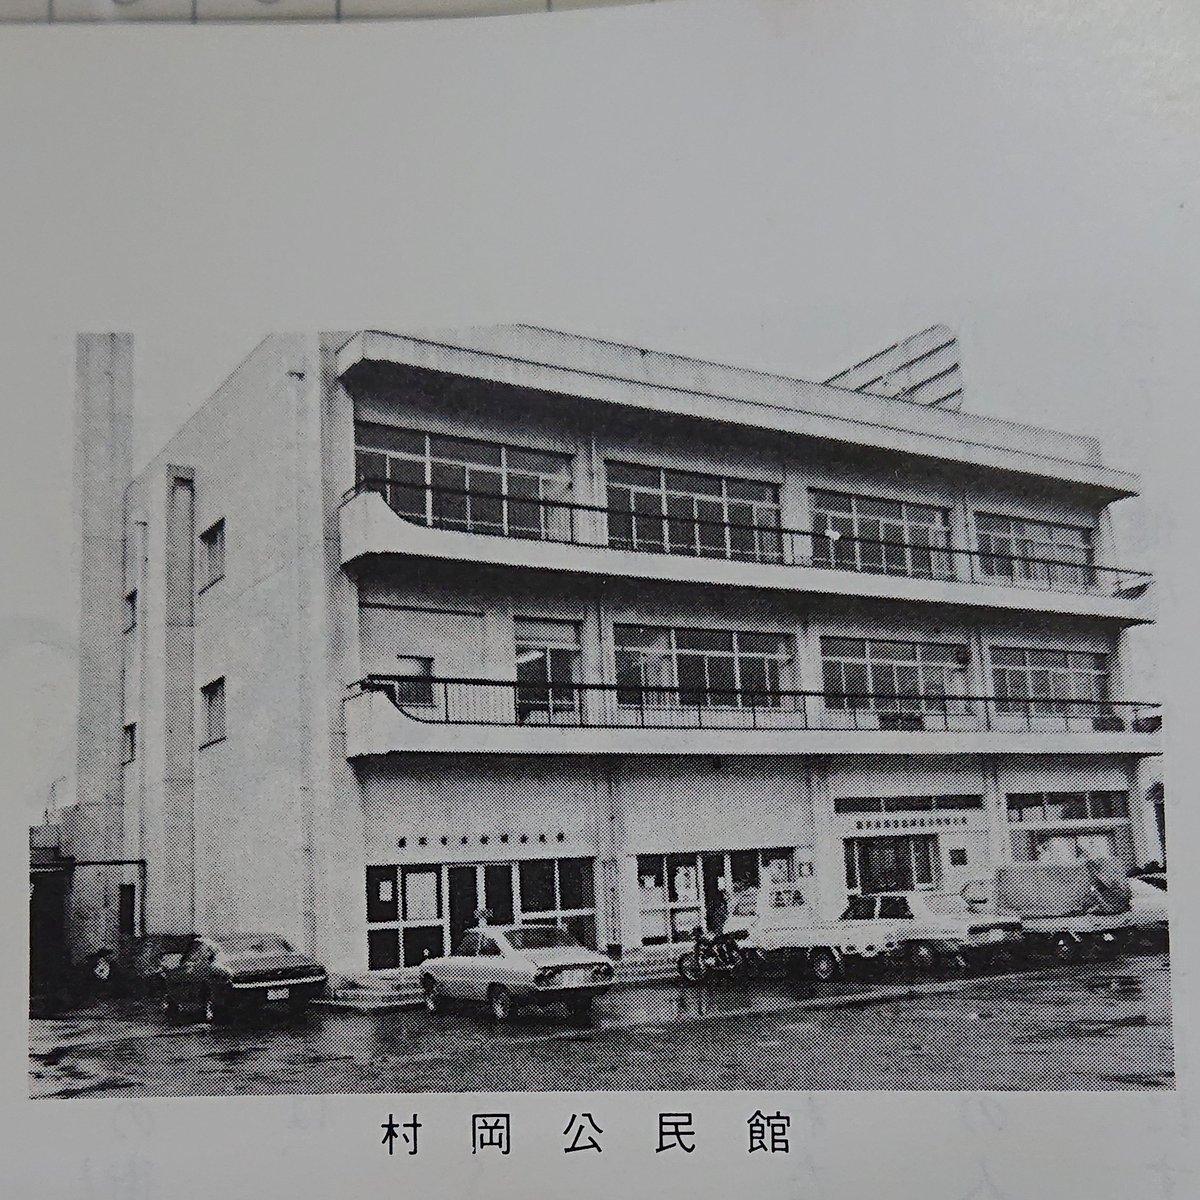 公民館 村岡